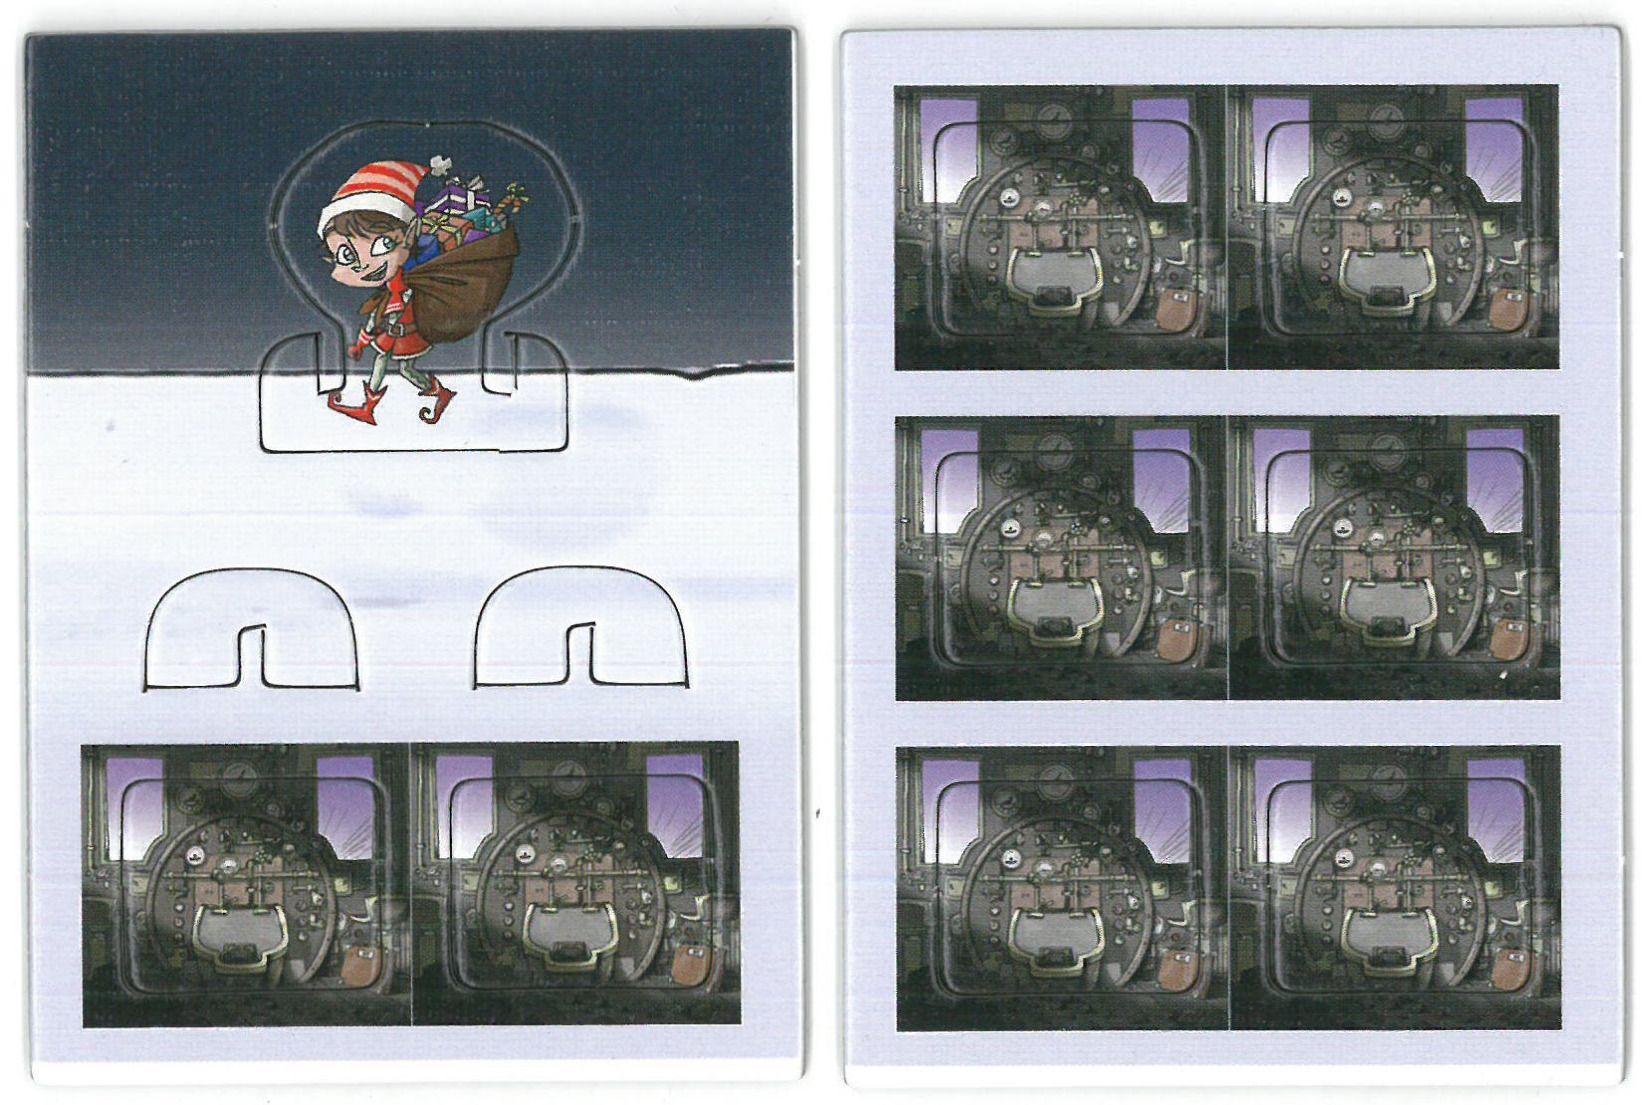 Colt Express: The Santa Claus Elf